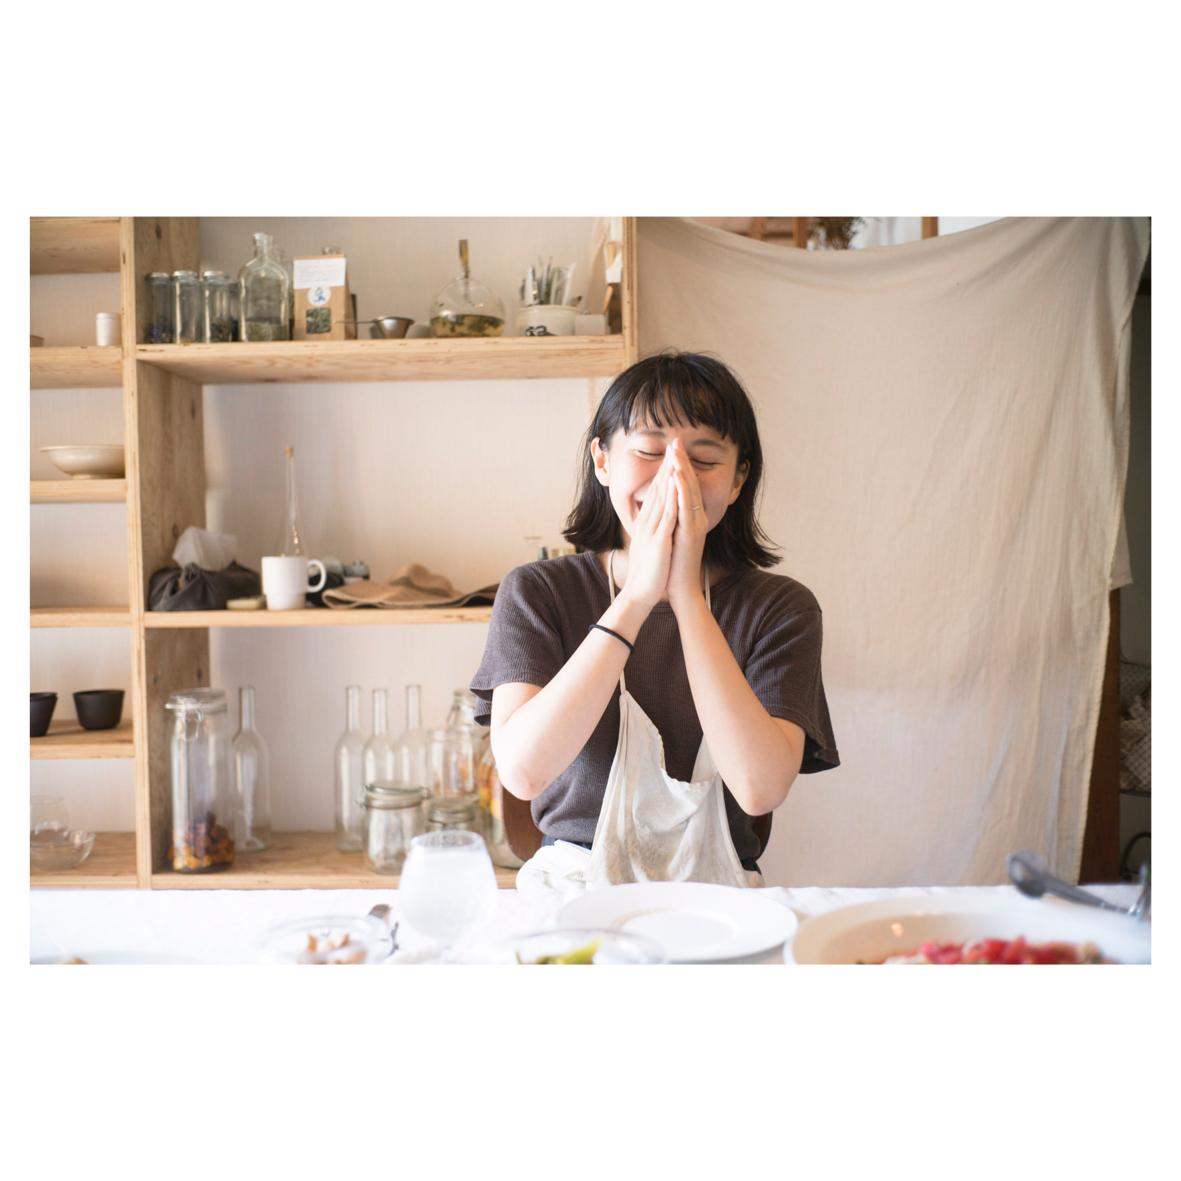 やよいちゃん-06.jpg